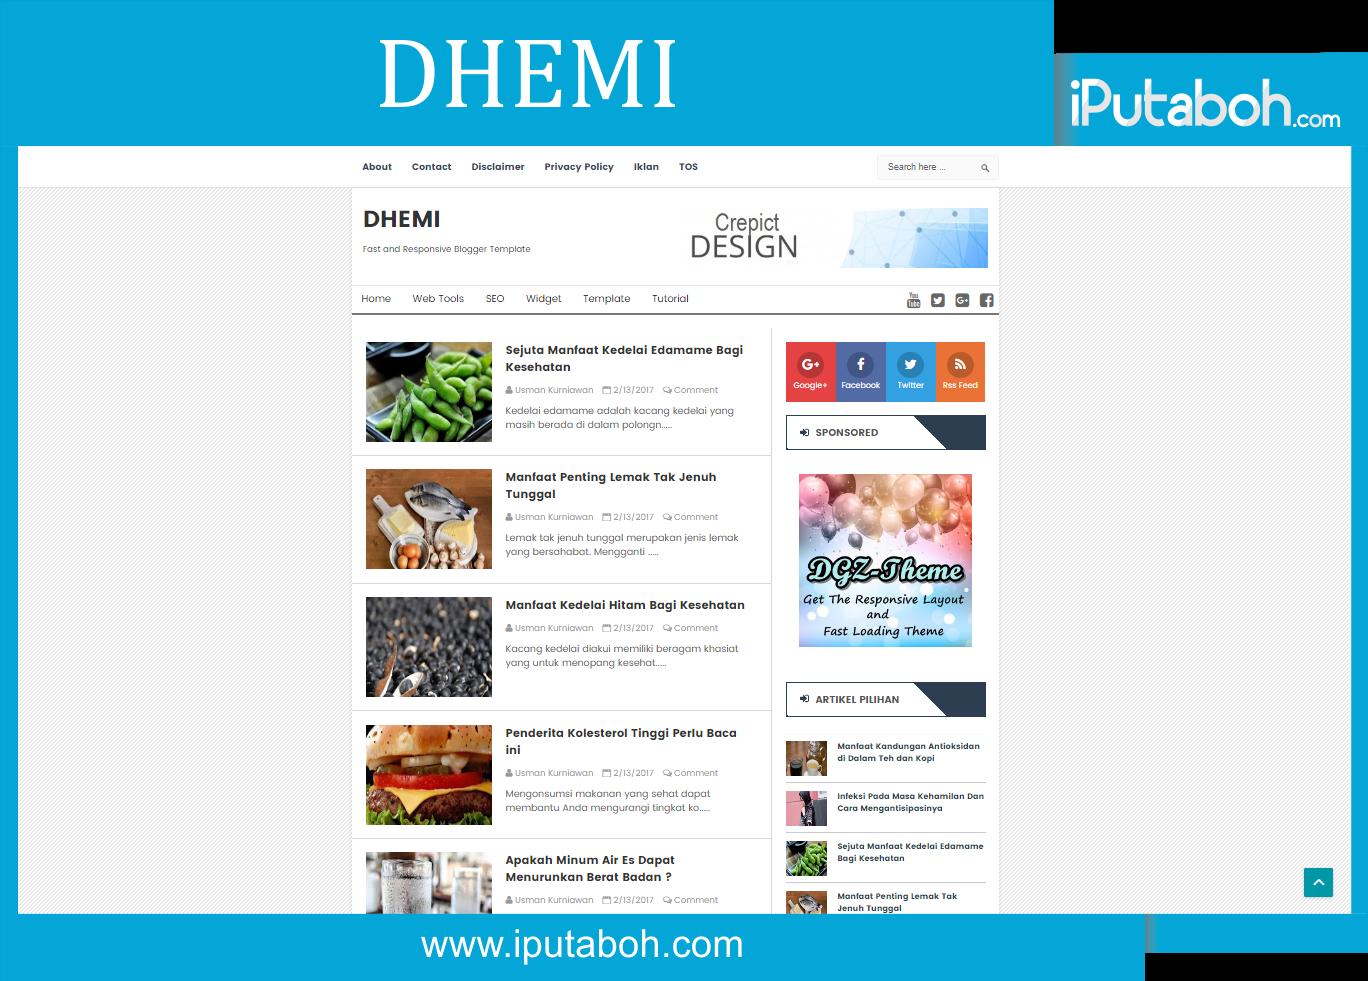 Dhemi Free Blogger Templates - iPutaboh : Blogger Templates